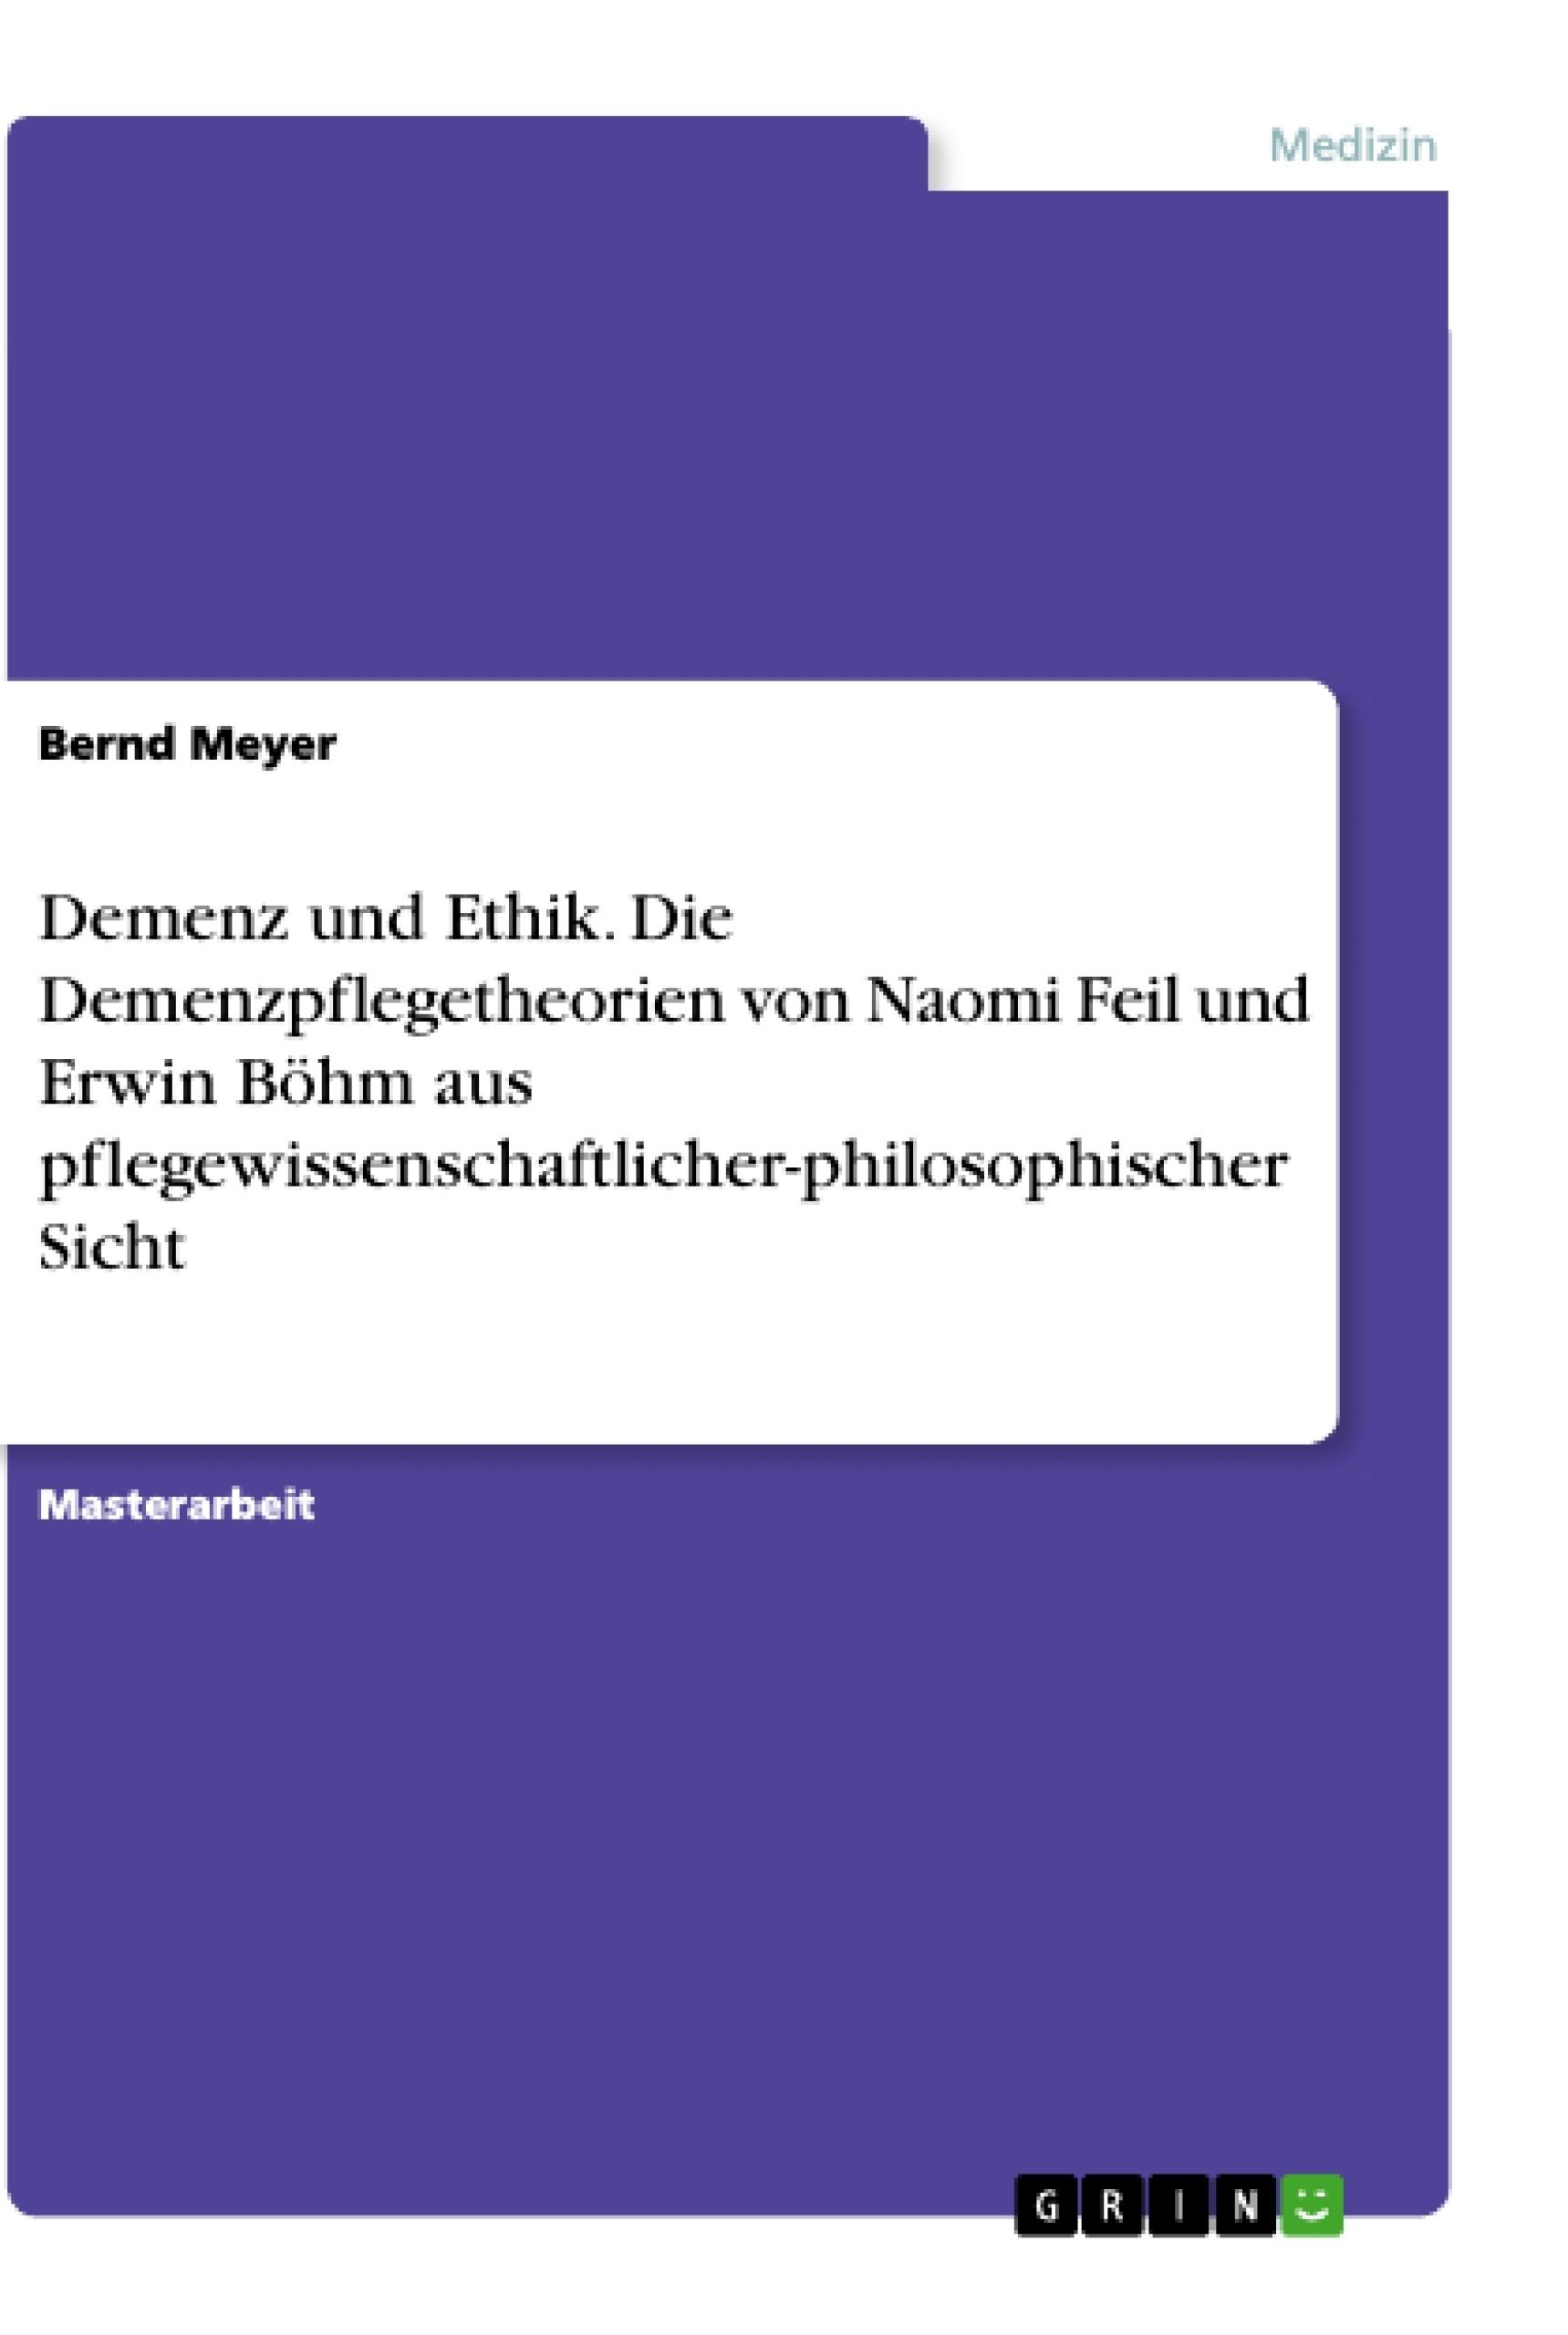 Titel: Demenz und Ethik. Die Demenzpflegetheorien von Naomi Feil und Erwin Böhm aus pflegewissenschaftlicher-philosophischer Sicht